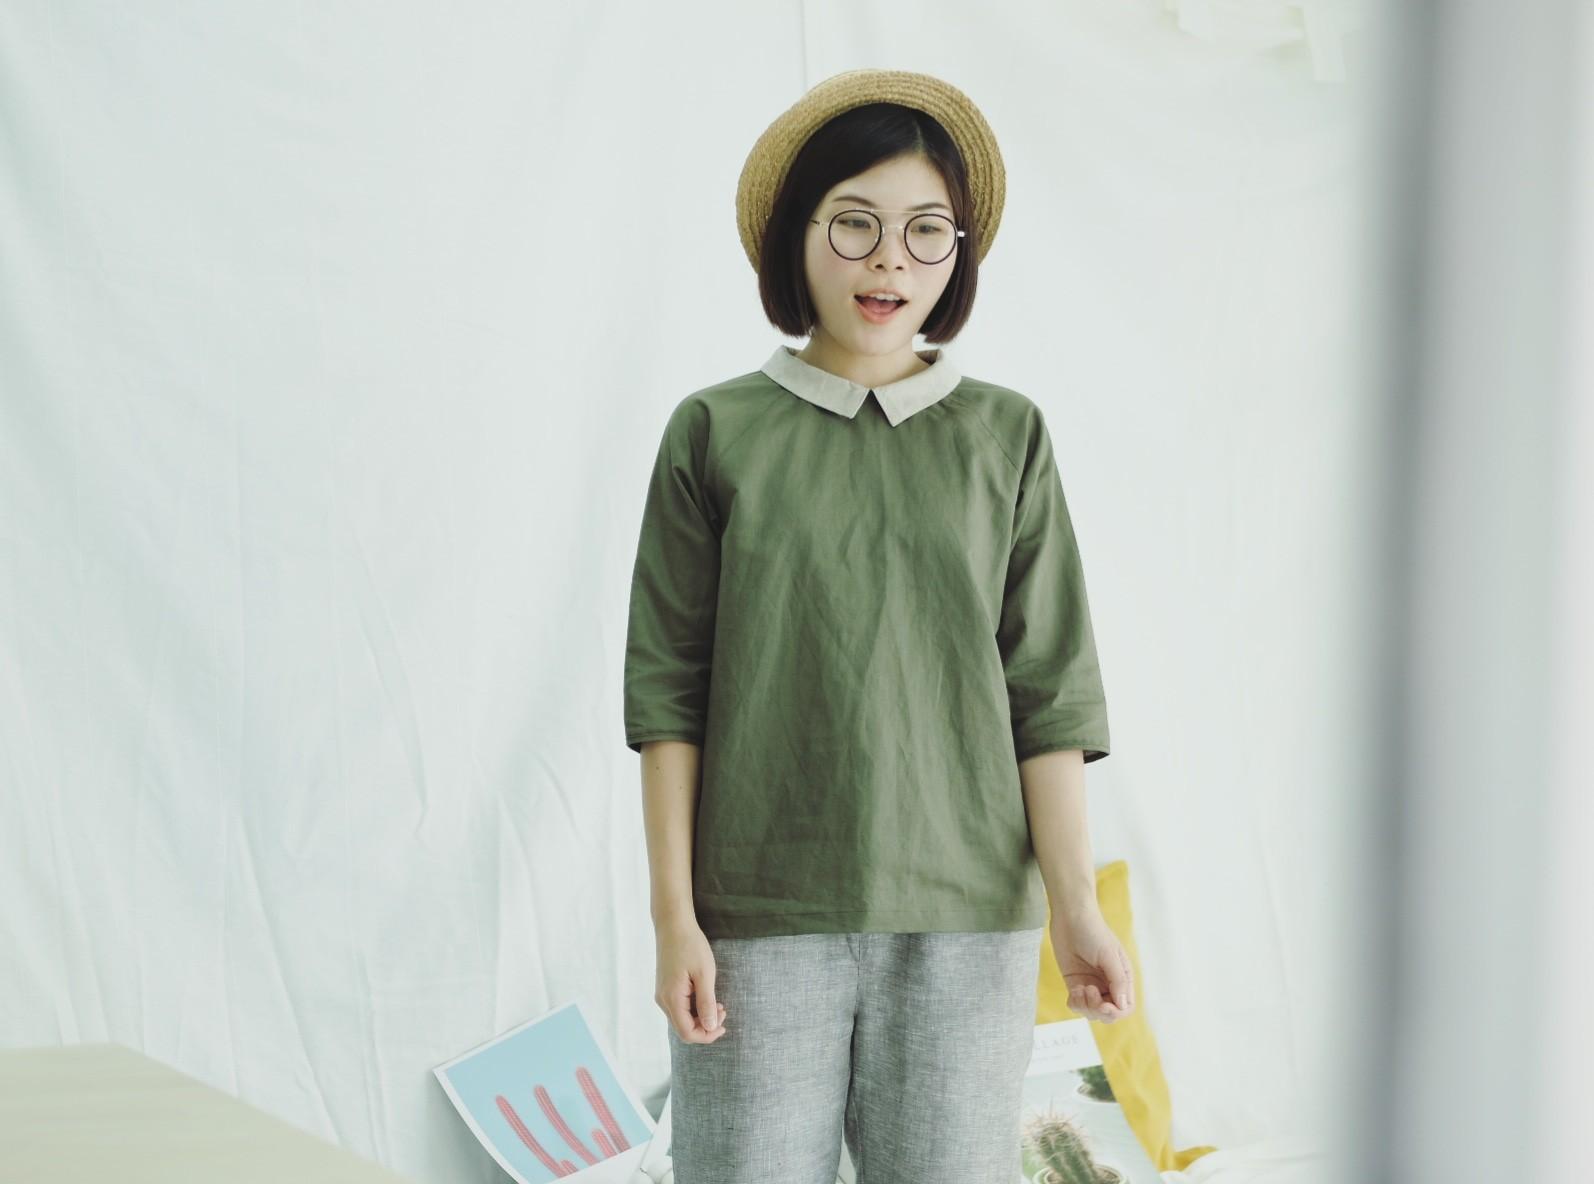 เสื้อผ้าสีเขียว-Green-Style_4